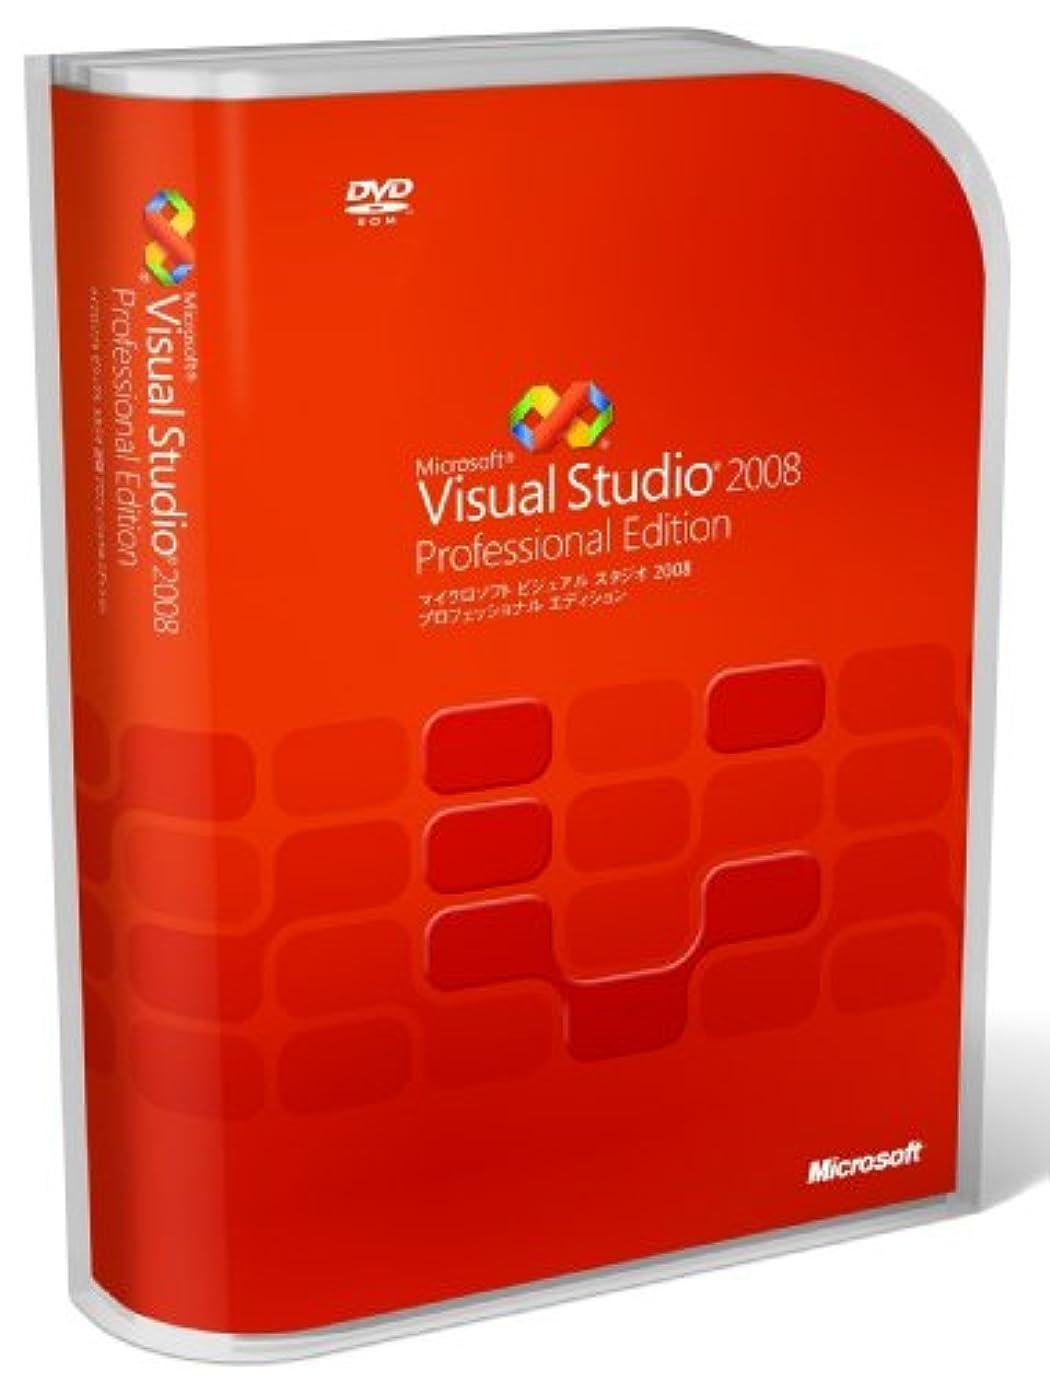 テープ非アクティブ手配するVisual Studio 2008 Professional Edition